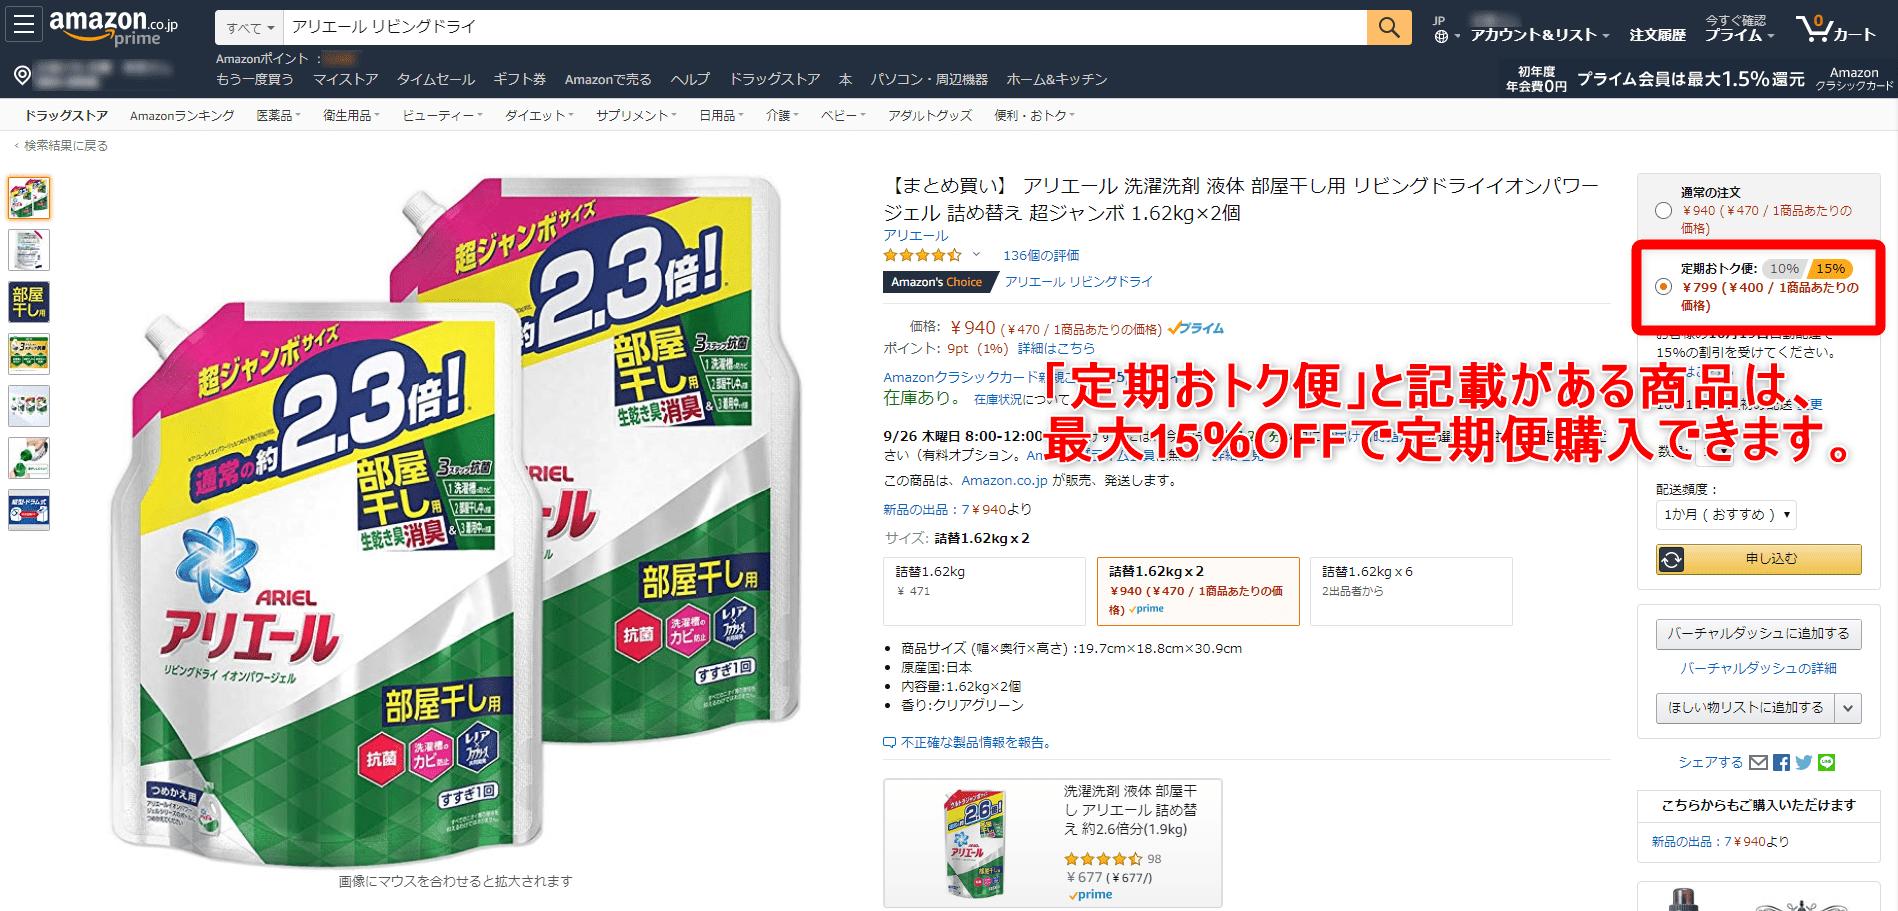 【決定版】日用品をAmazon定期便で安く買う方法 Amazon定期便なら日用品が【最大15%OFF】